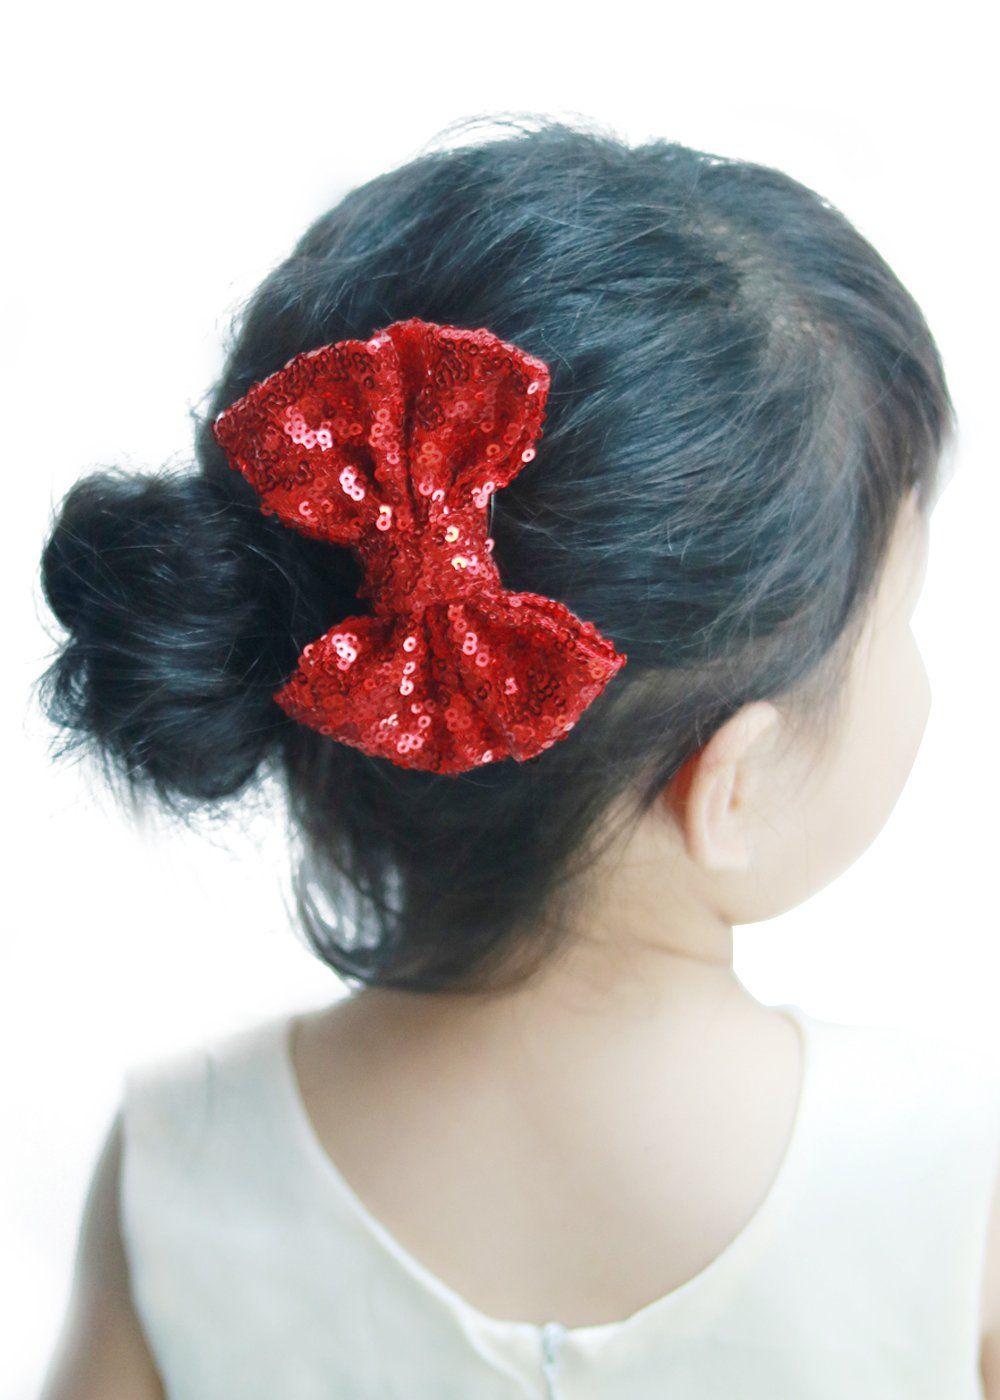 Missgrace bébé fille Paillettes dorées Messy Nœud Pinces à cheveux pour enfant fille fête Cheveux Noeuds Or et Argent Paillettes nœuds pour bébé fille Accessoires Cheveux